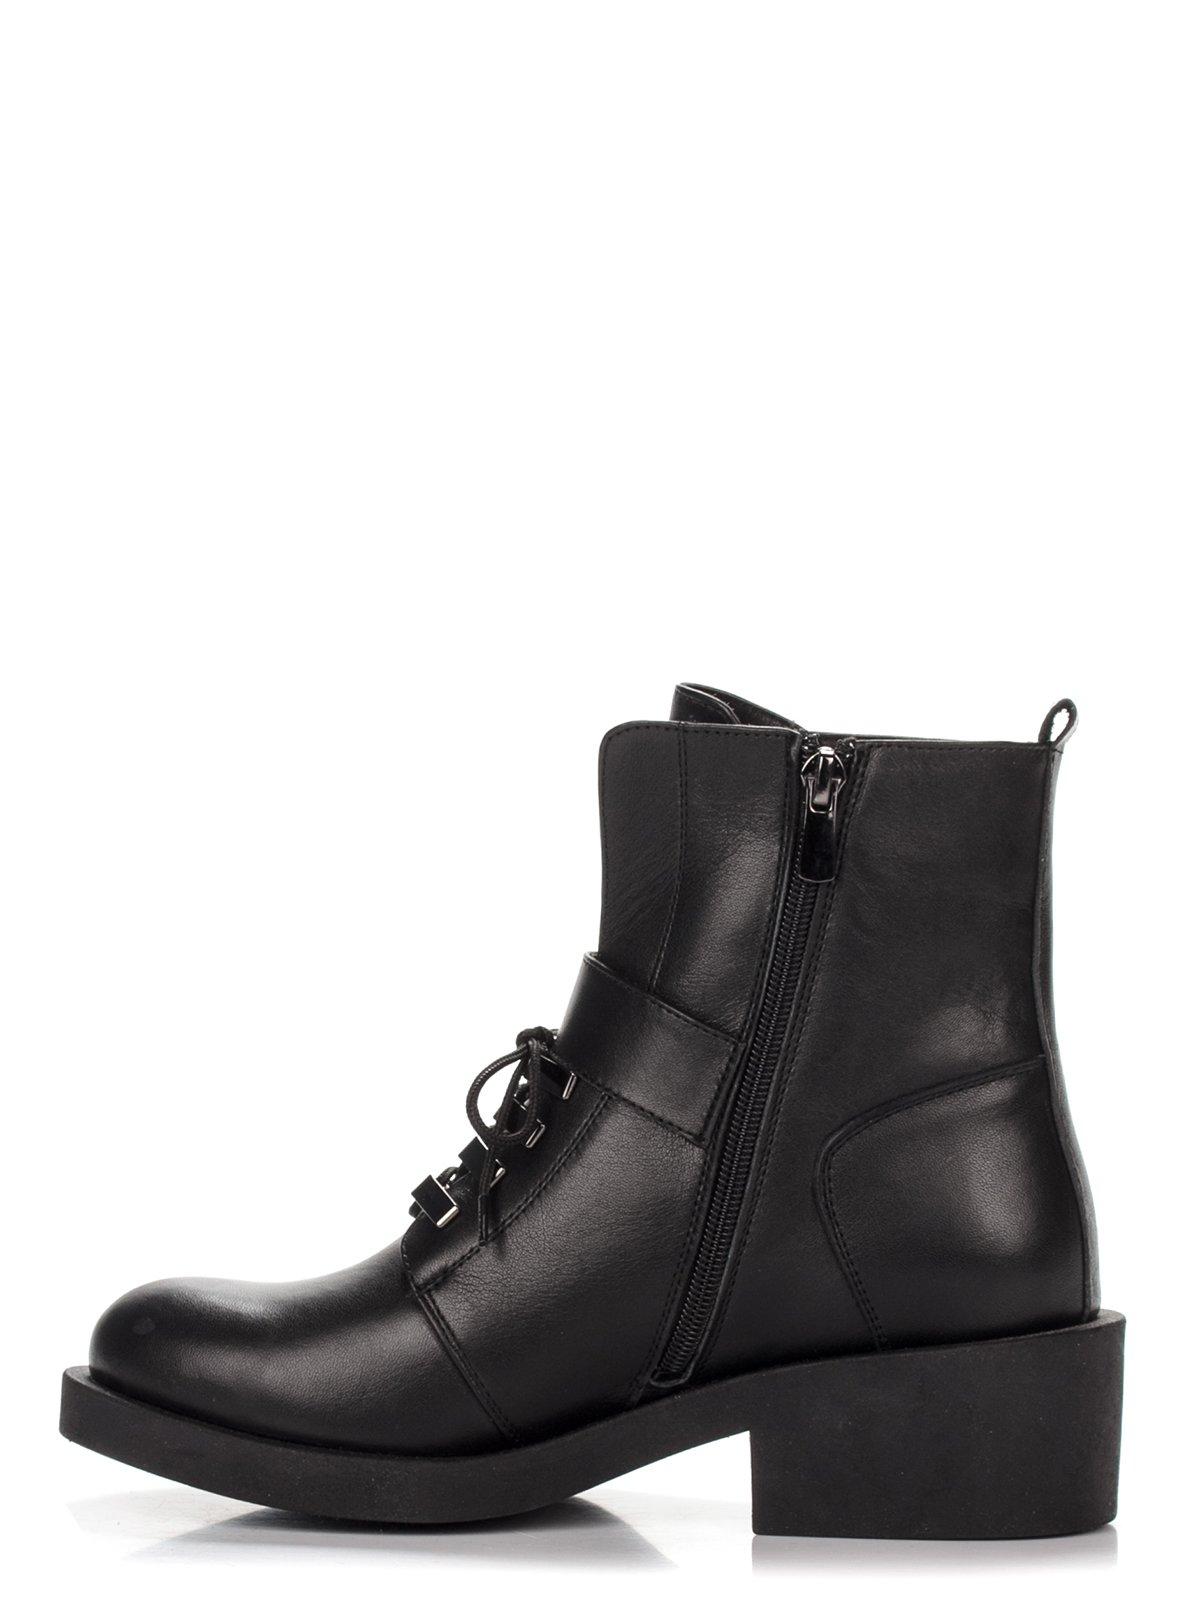 Ботинки черные | 3675915 | фото 3